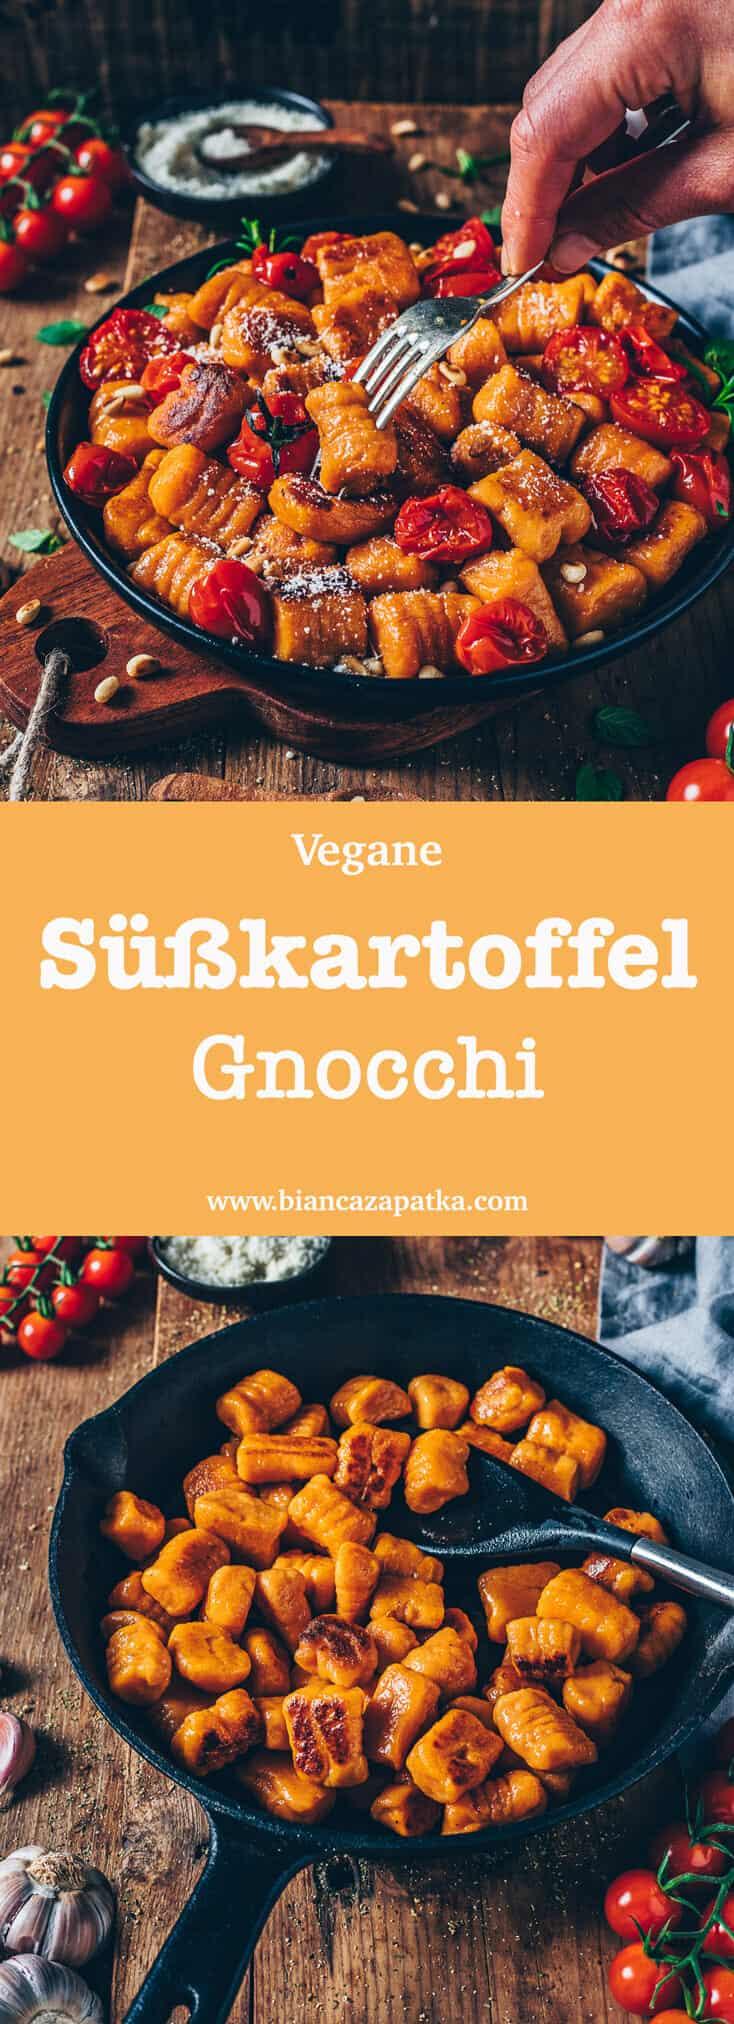 Das beste Rezept für Vegane Süßkartoffel-Gnocchi mit nur 3 Zutaten. Es ist einfach, glutenfrei und unglaublich lecker! Knusprig angebraten und mit ofengerösteten Tomaten serviert, ist es ein perfektes Wohlfühlgericht!